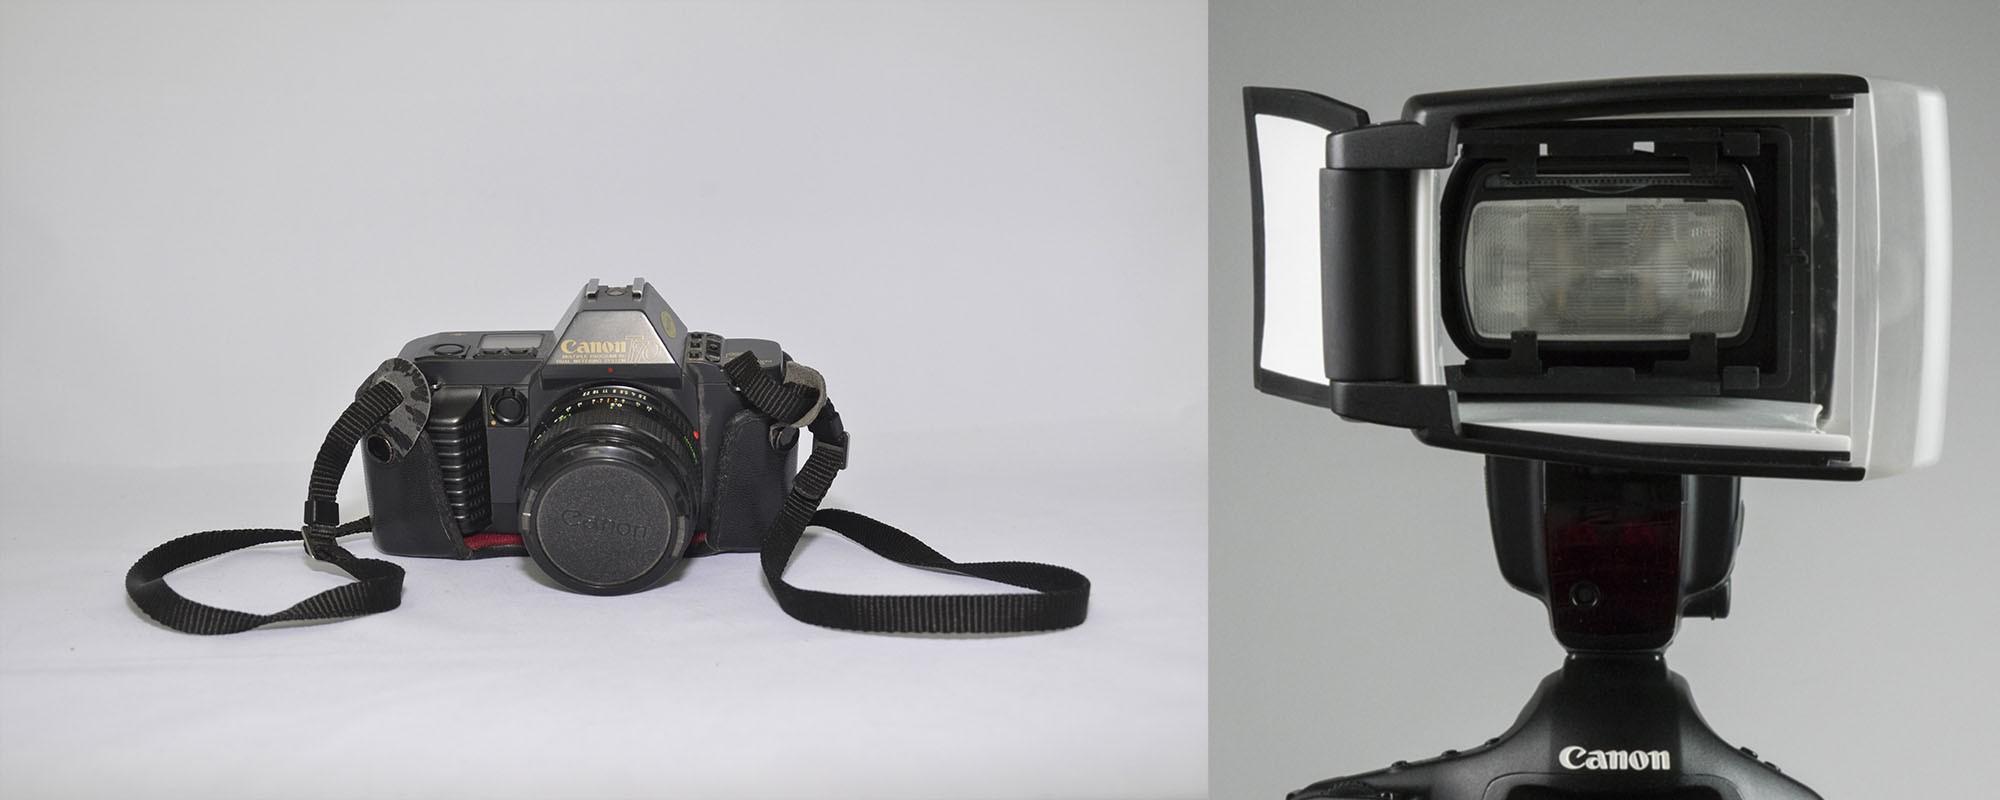 Foto de producto con flash directo